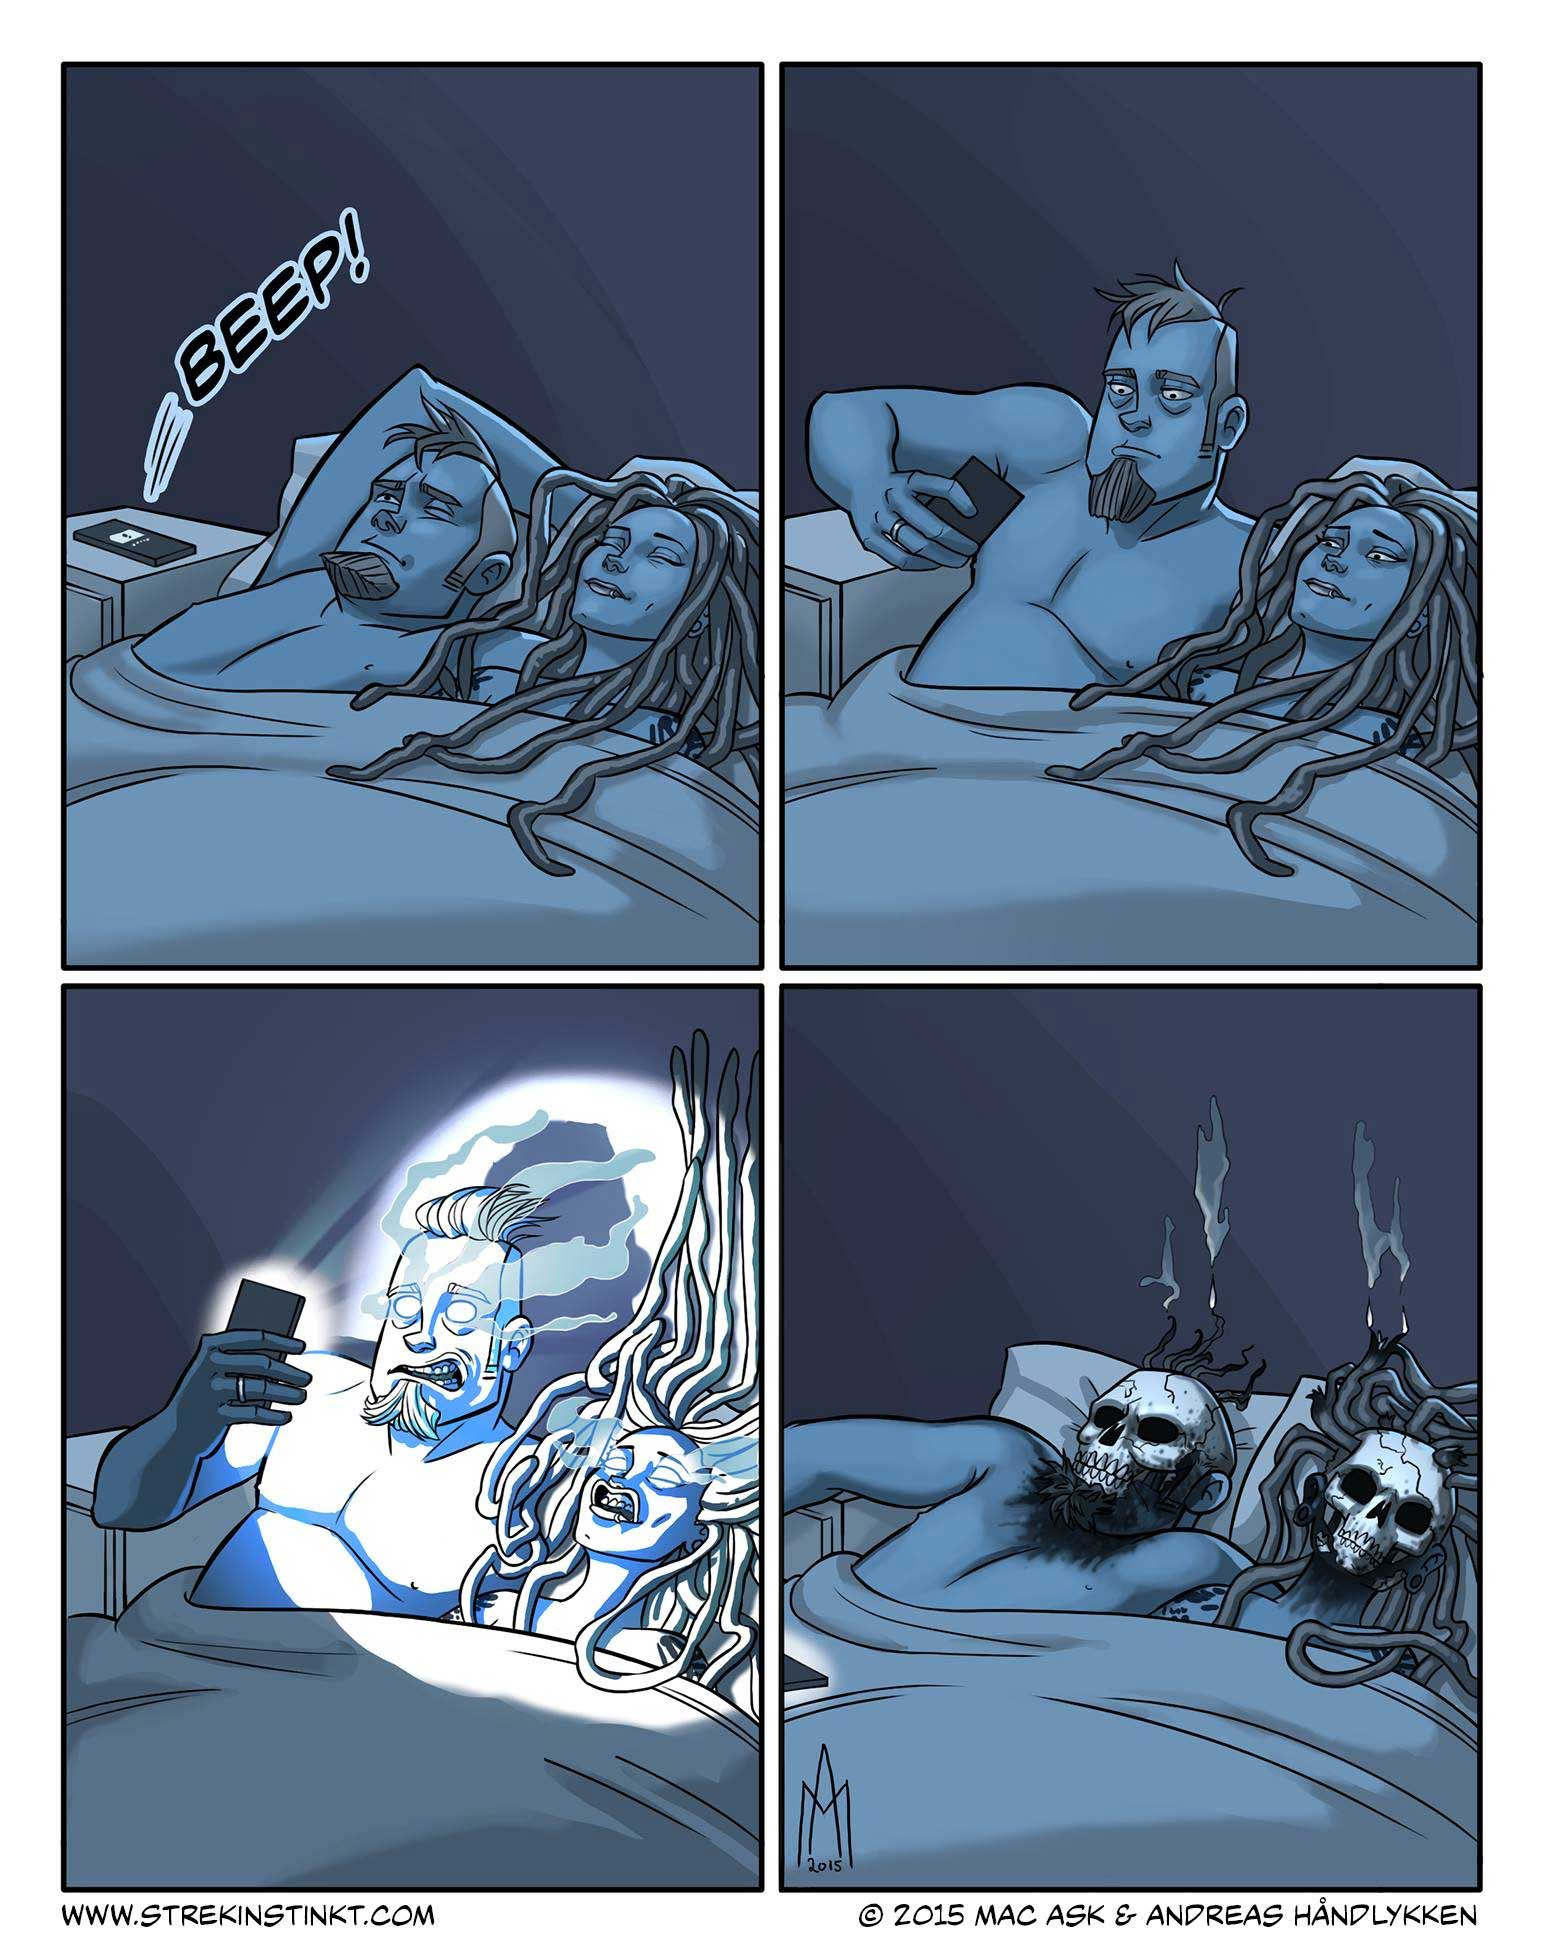 Alltags-Beziehungs-Webcomics von Mac und Andreas Håndlykken 4am-strekinstinkt_01